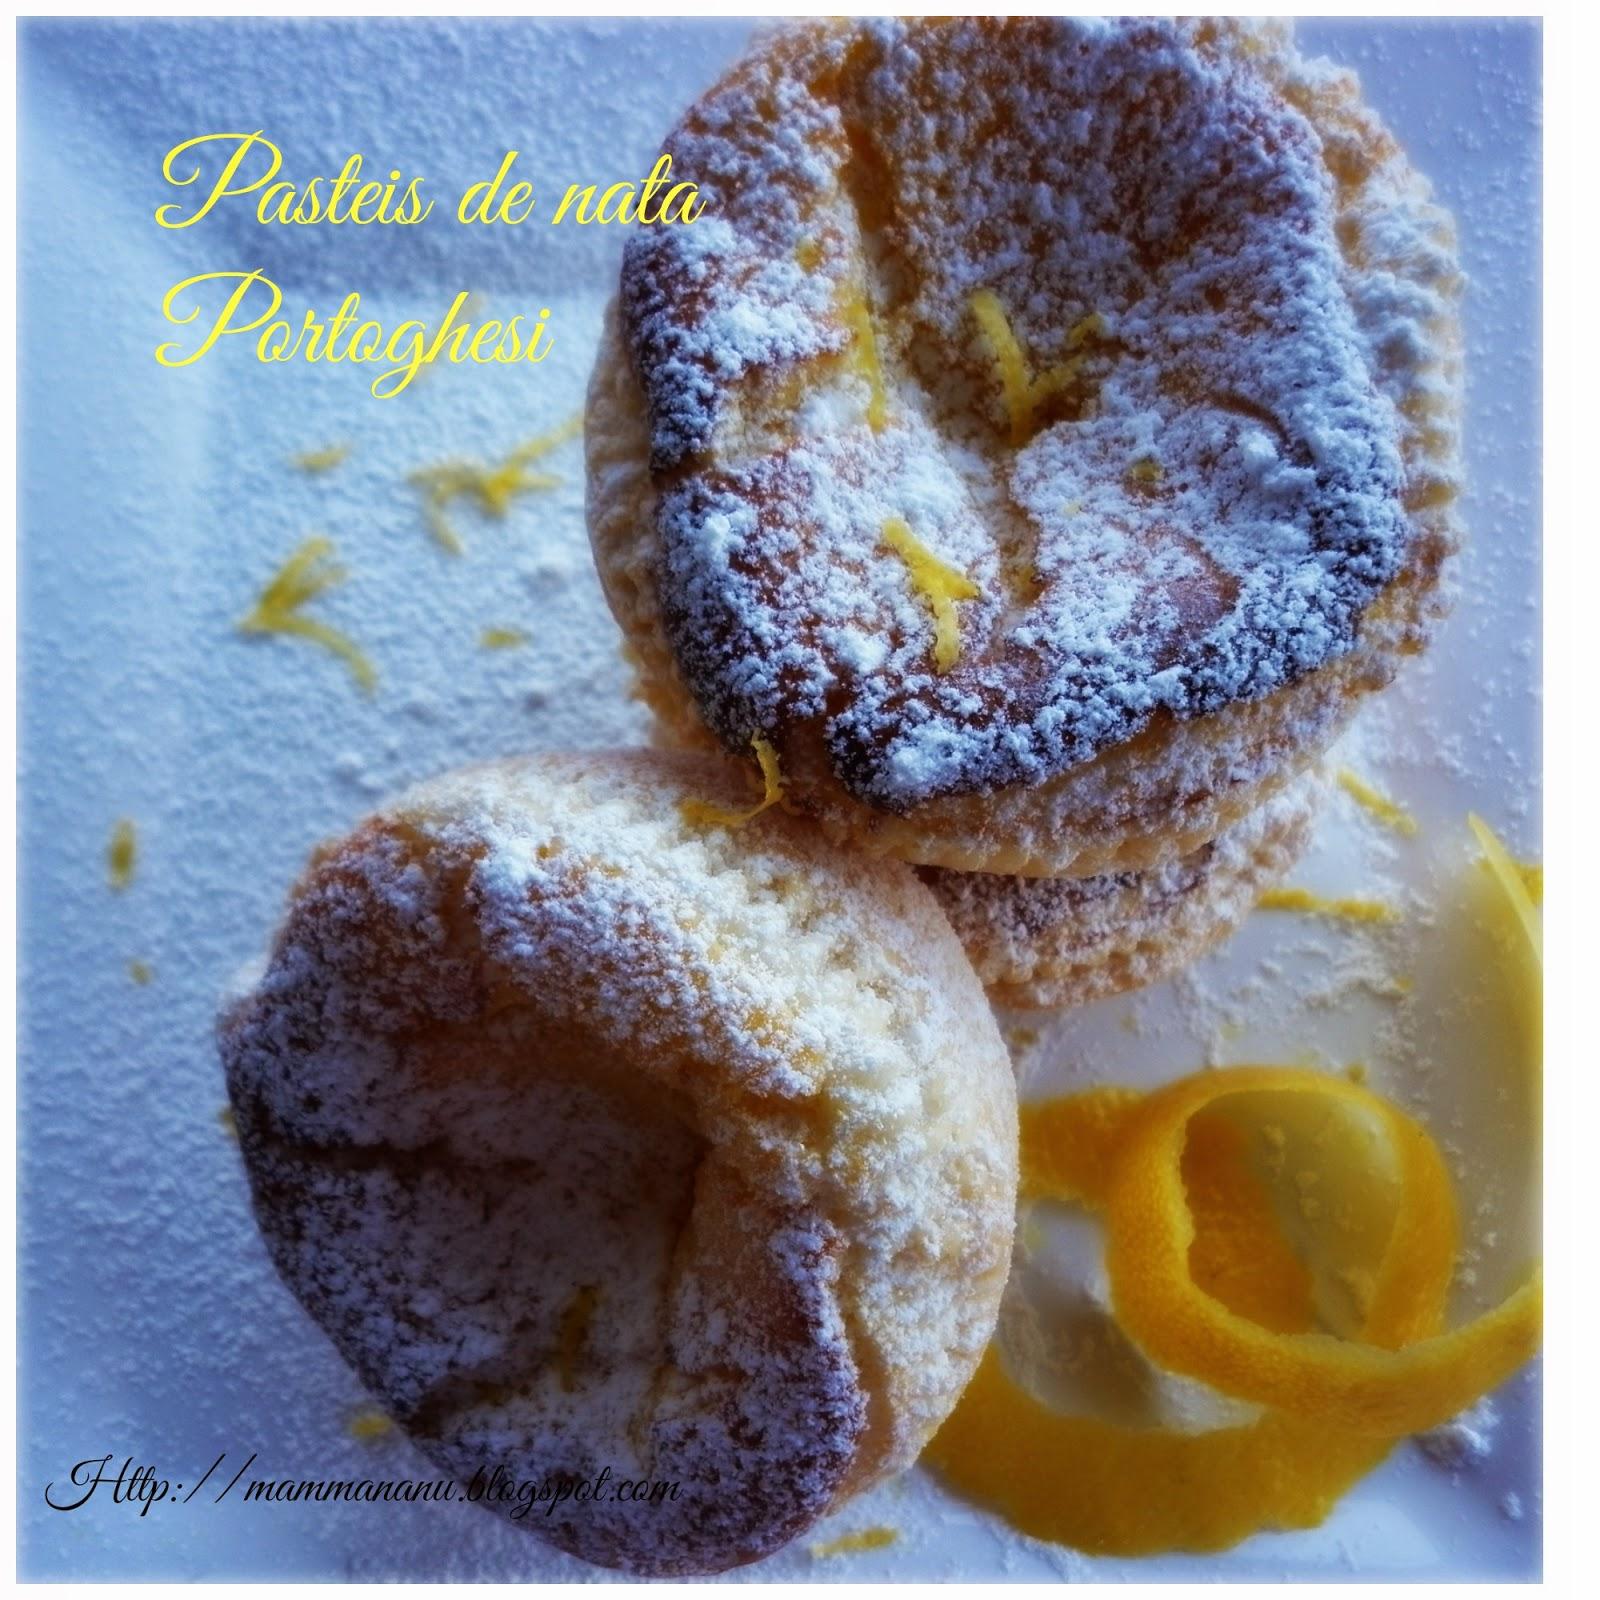 pasteis de nata portoghesi